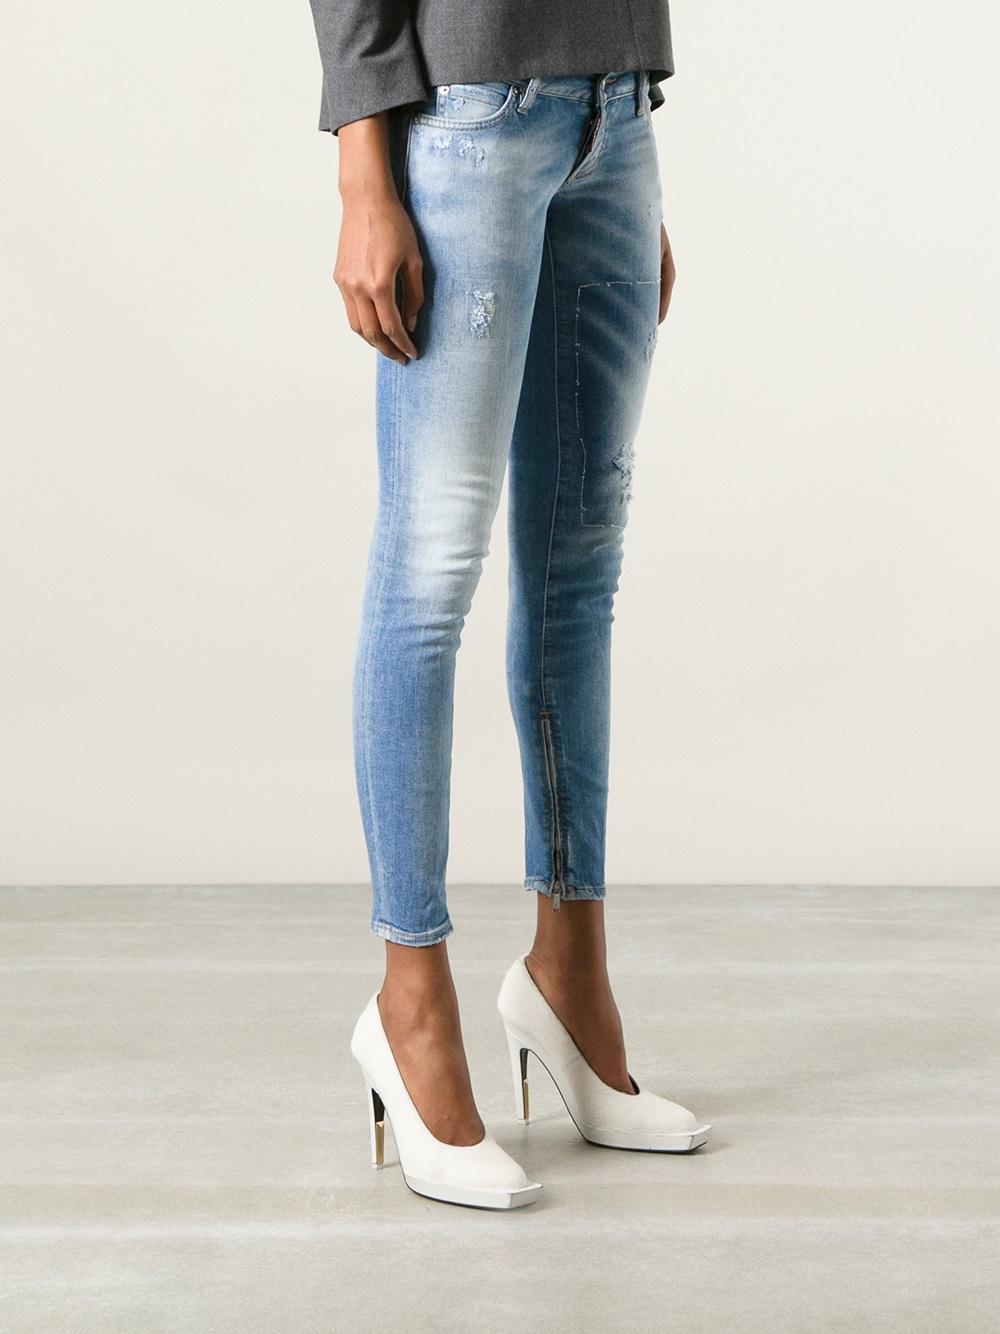 d0c85f5f0ae8e DSquared² Cropped Skinny Jean in Blue - Lyst